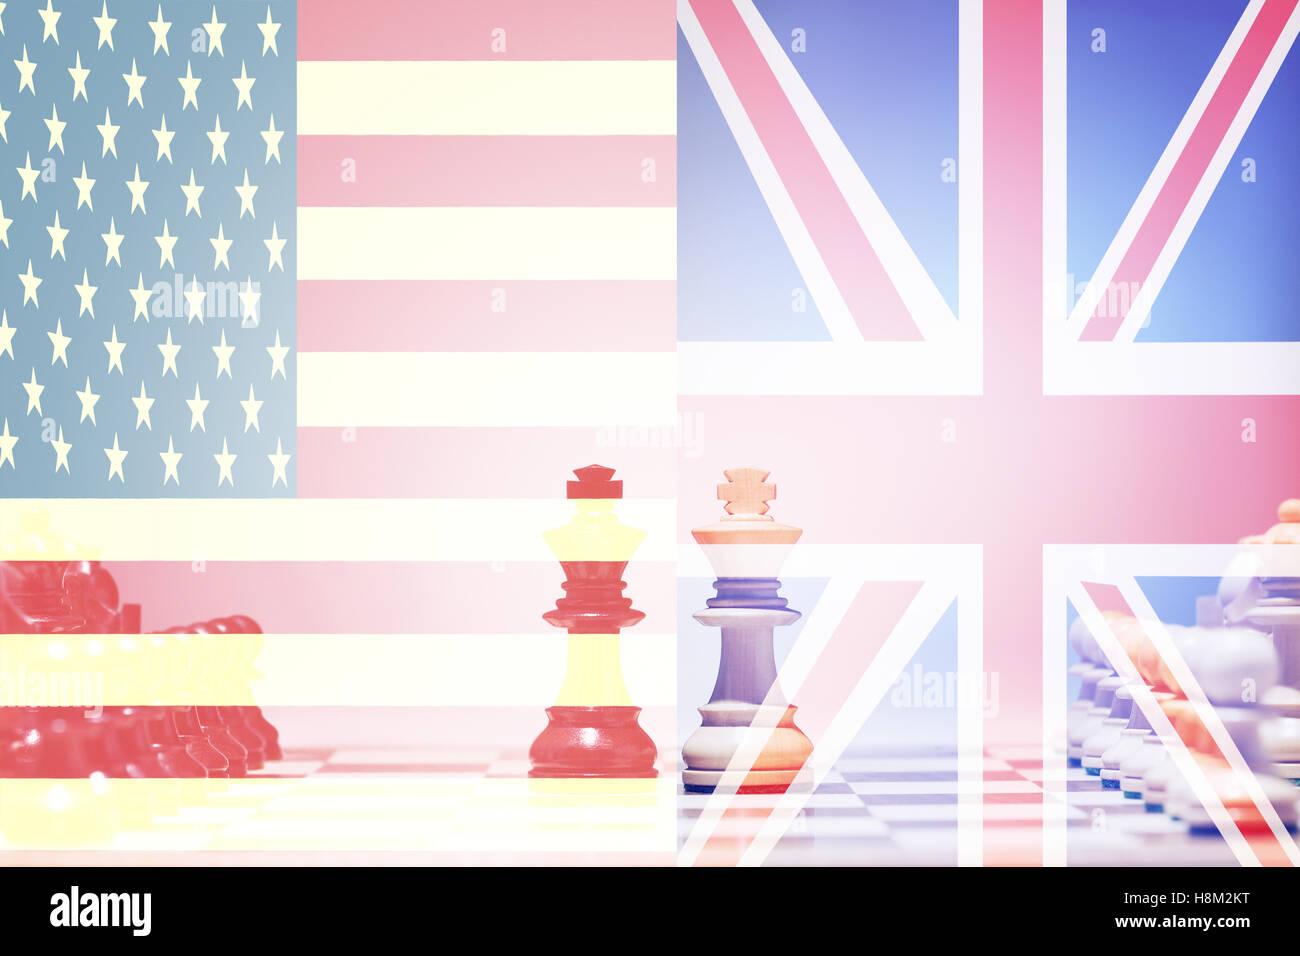 Chess game USA vs UK - Stock Image